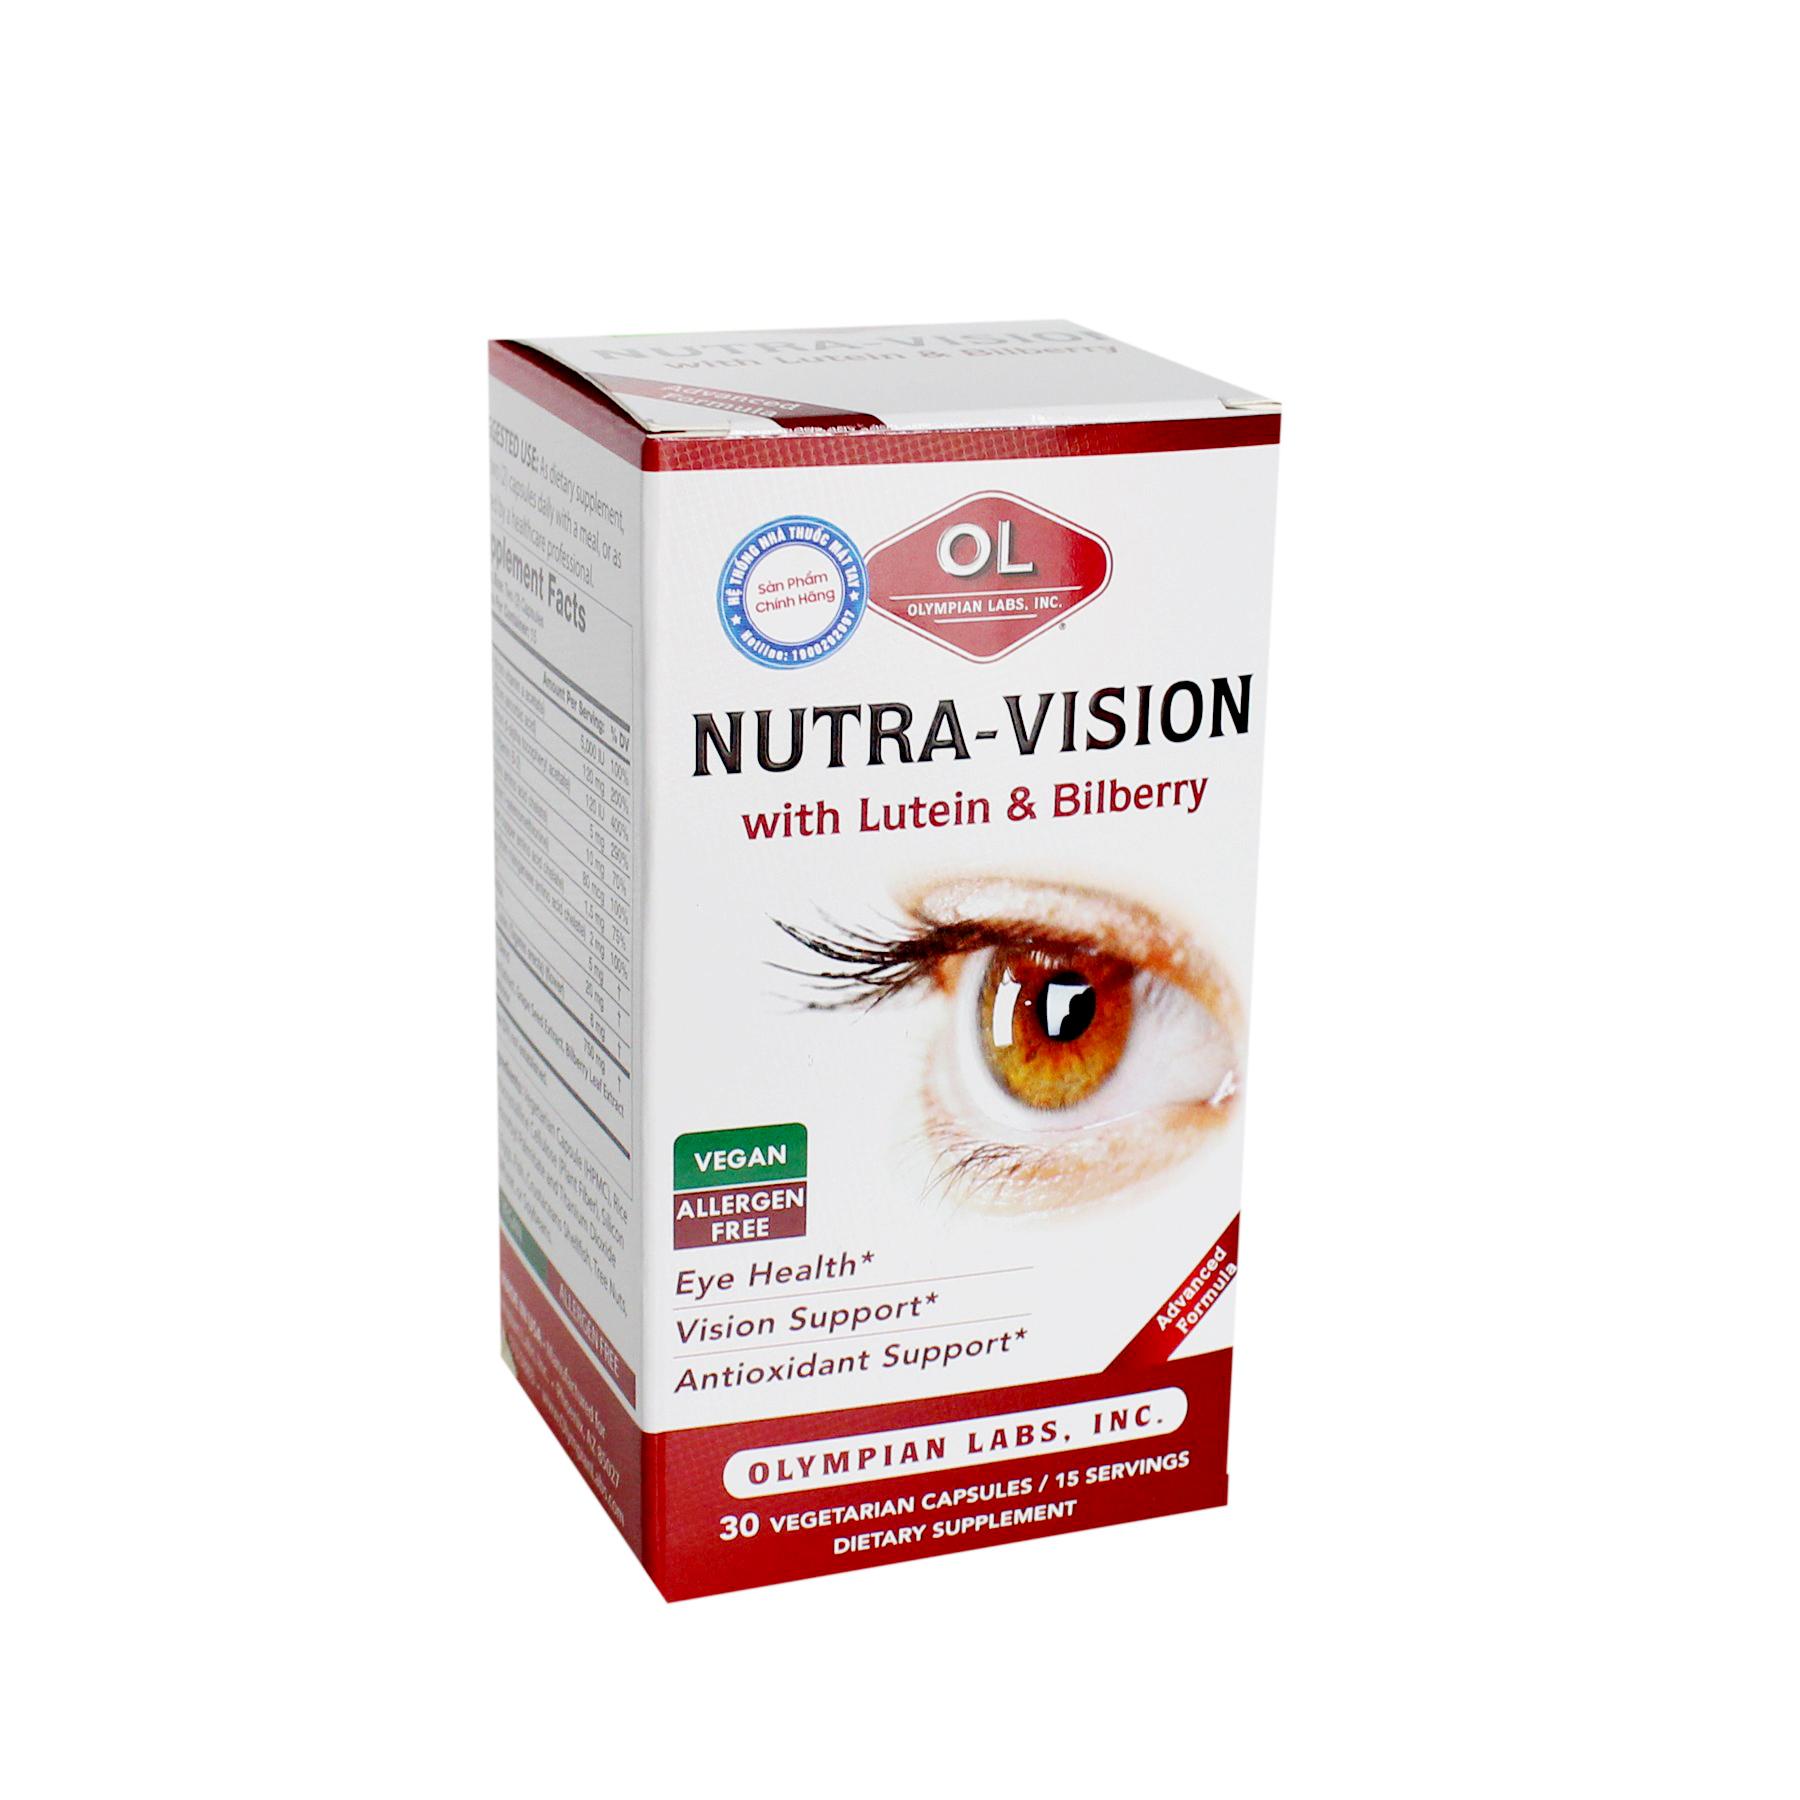 Viên Dưỡng Mắt NUTRA-VISION With Lutein & Bilberry  – Hỗ Trợ Bảo Vệ & Kéo Dài Thị Lực Mắt